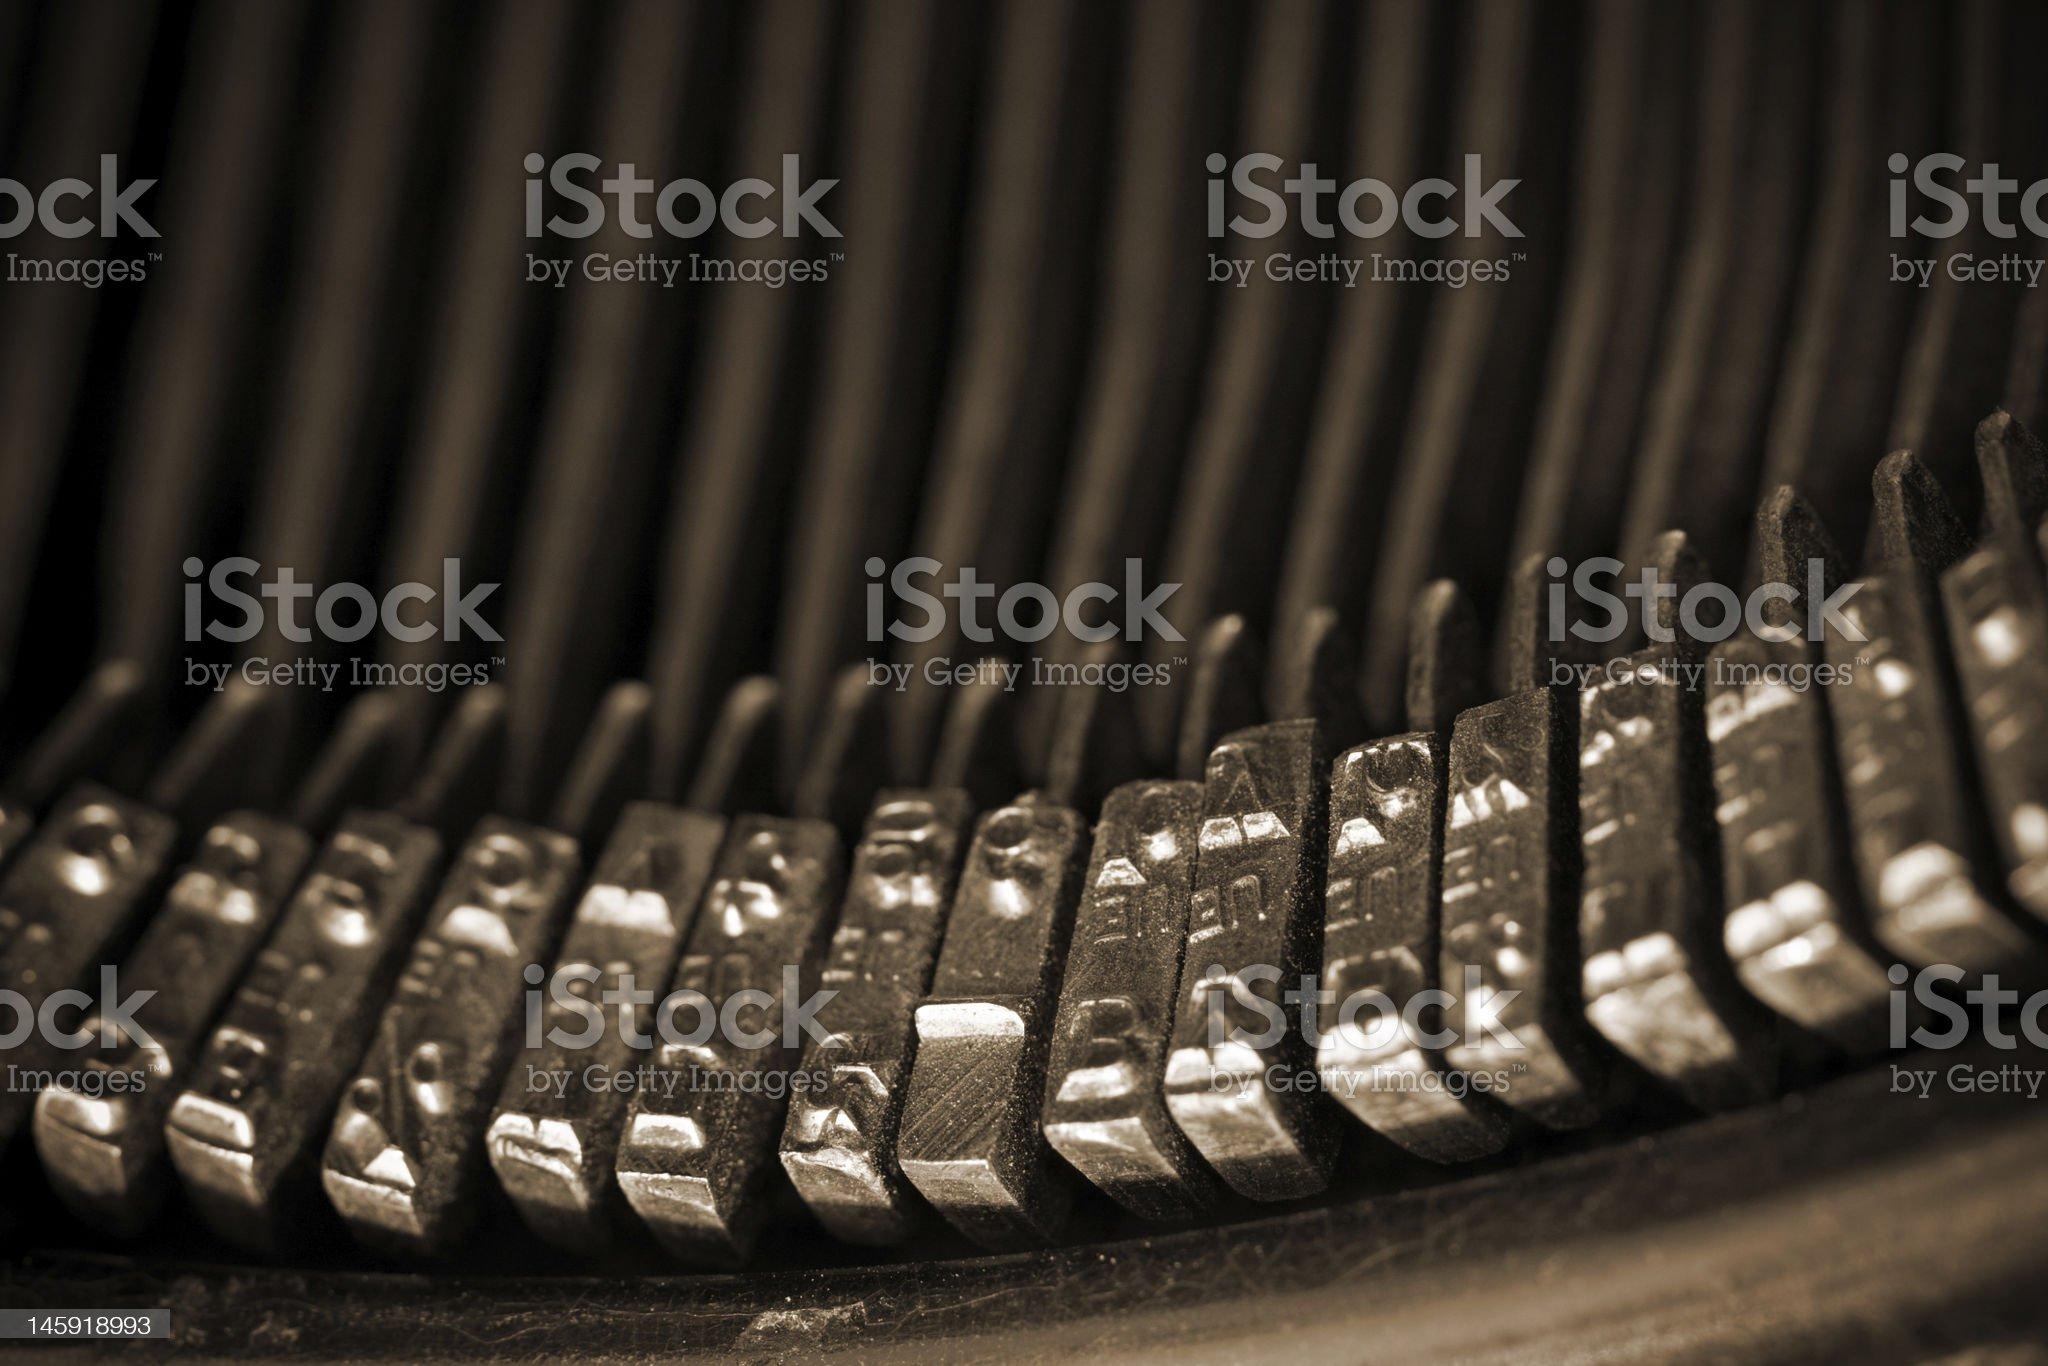 Antique Typewriter Keys II royalty-free stock photo